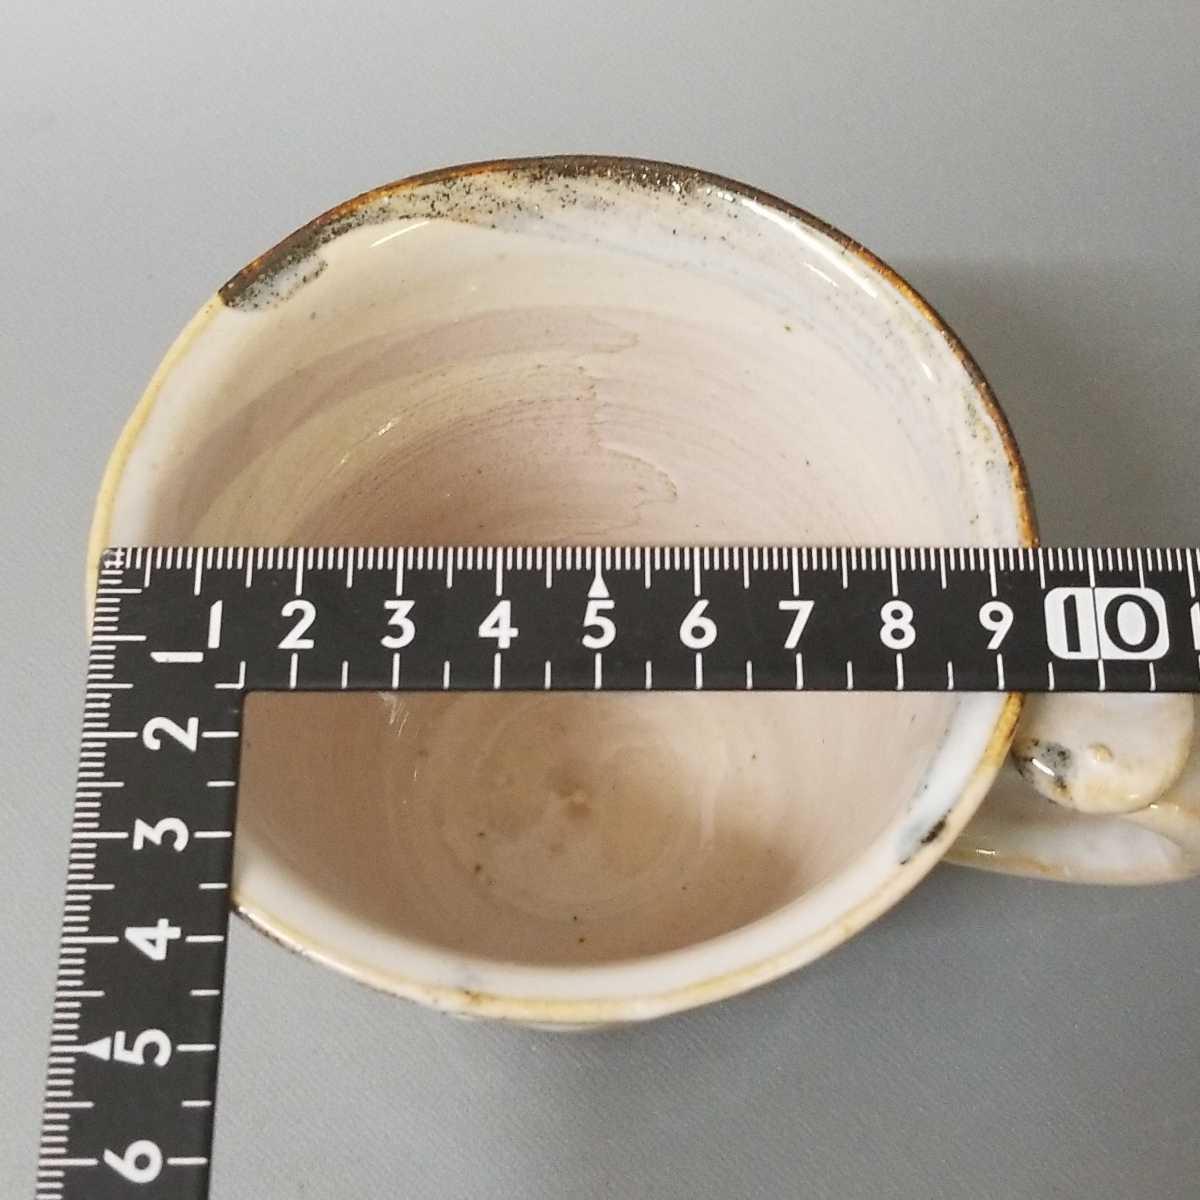 富09)萩焼 渋谷泥詩 白萩マグカップ 珈琲器 茶器 未使用新品 同梱歓迎 _画像9